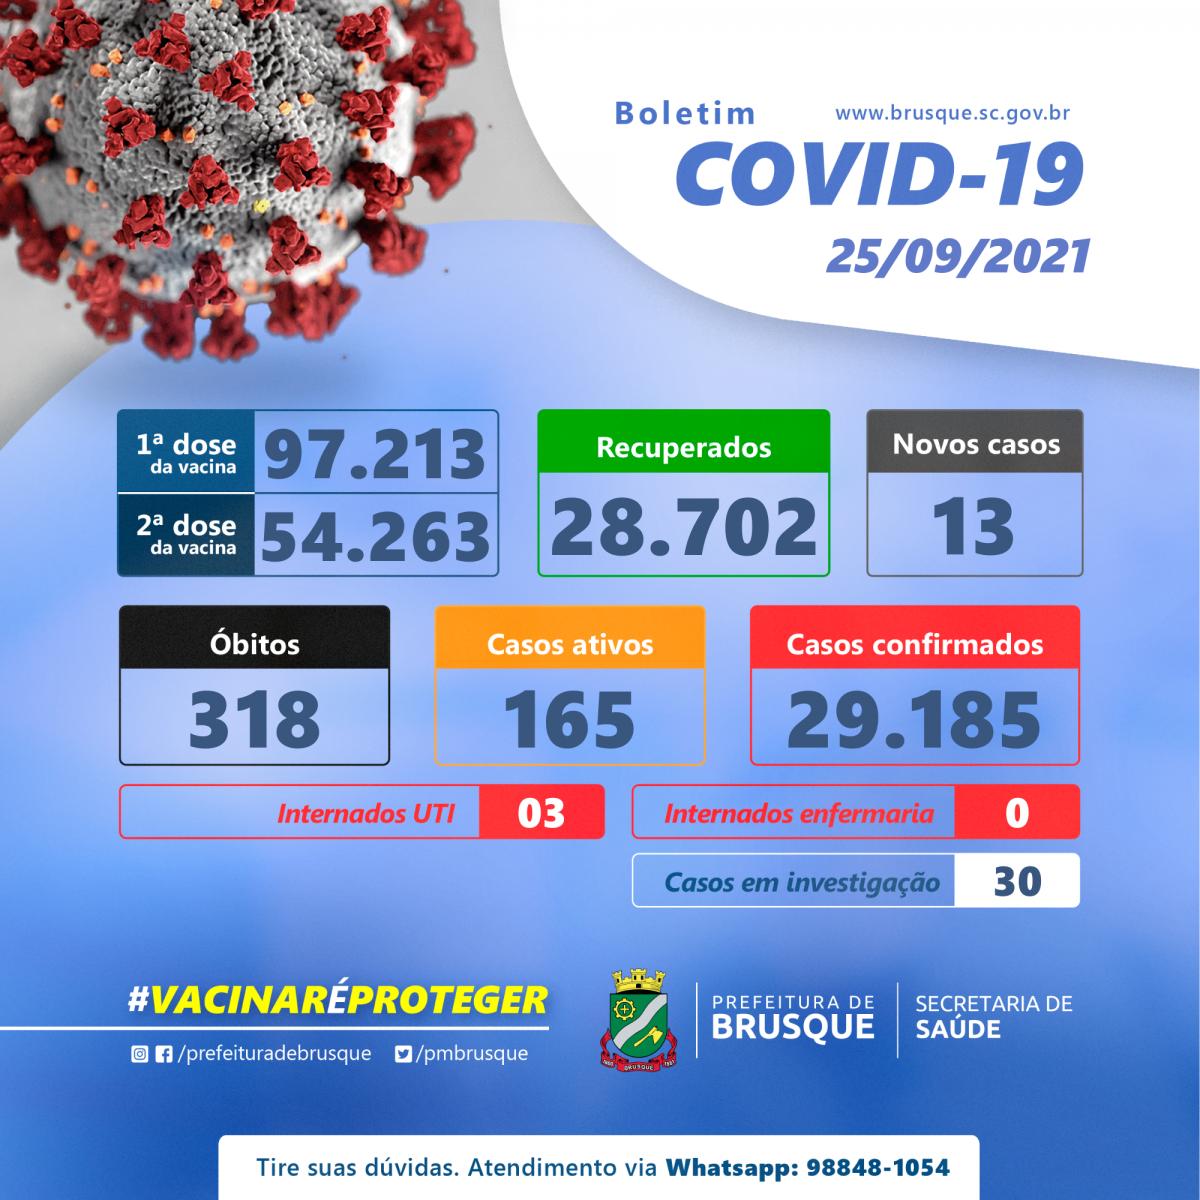 Covid-19: Confira o boletim epidemiológico deste sábado (25)